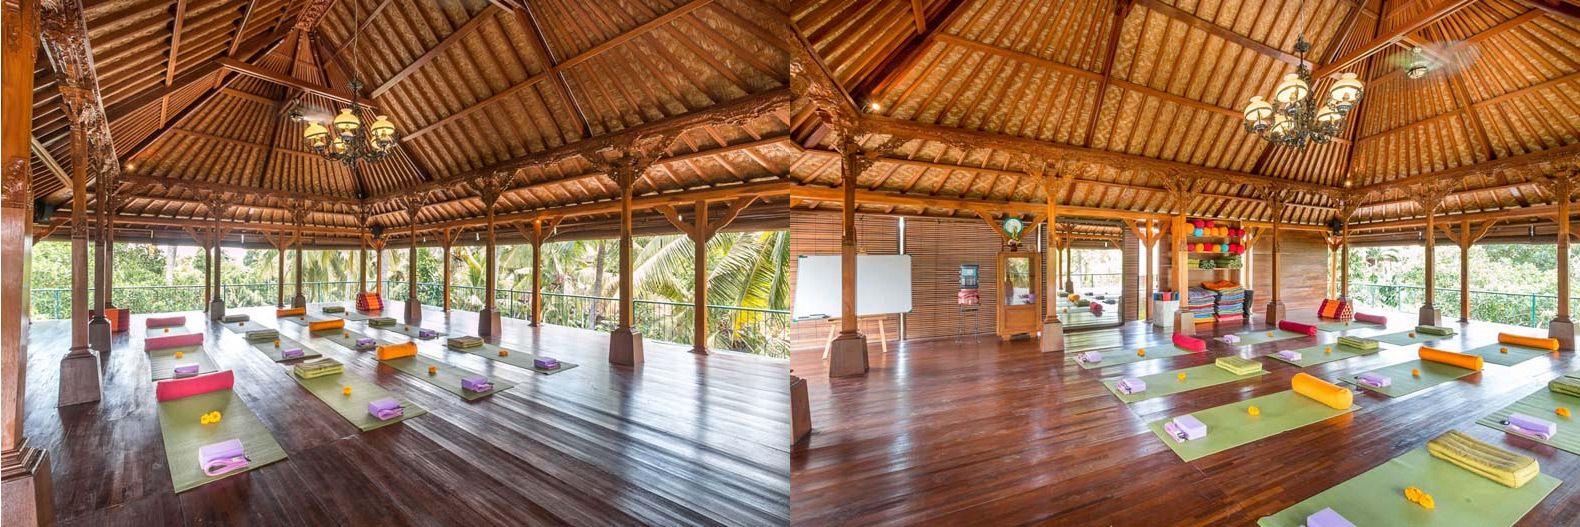 yoga teacher training hall1